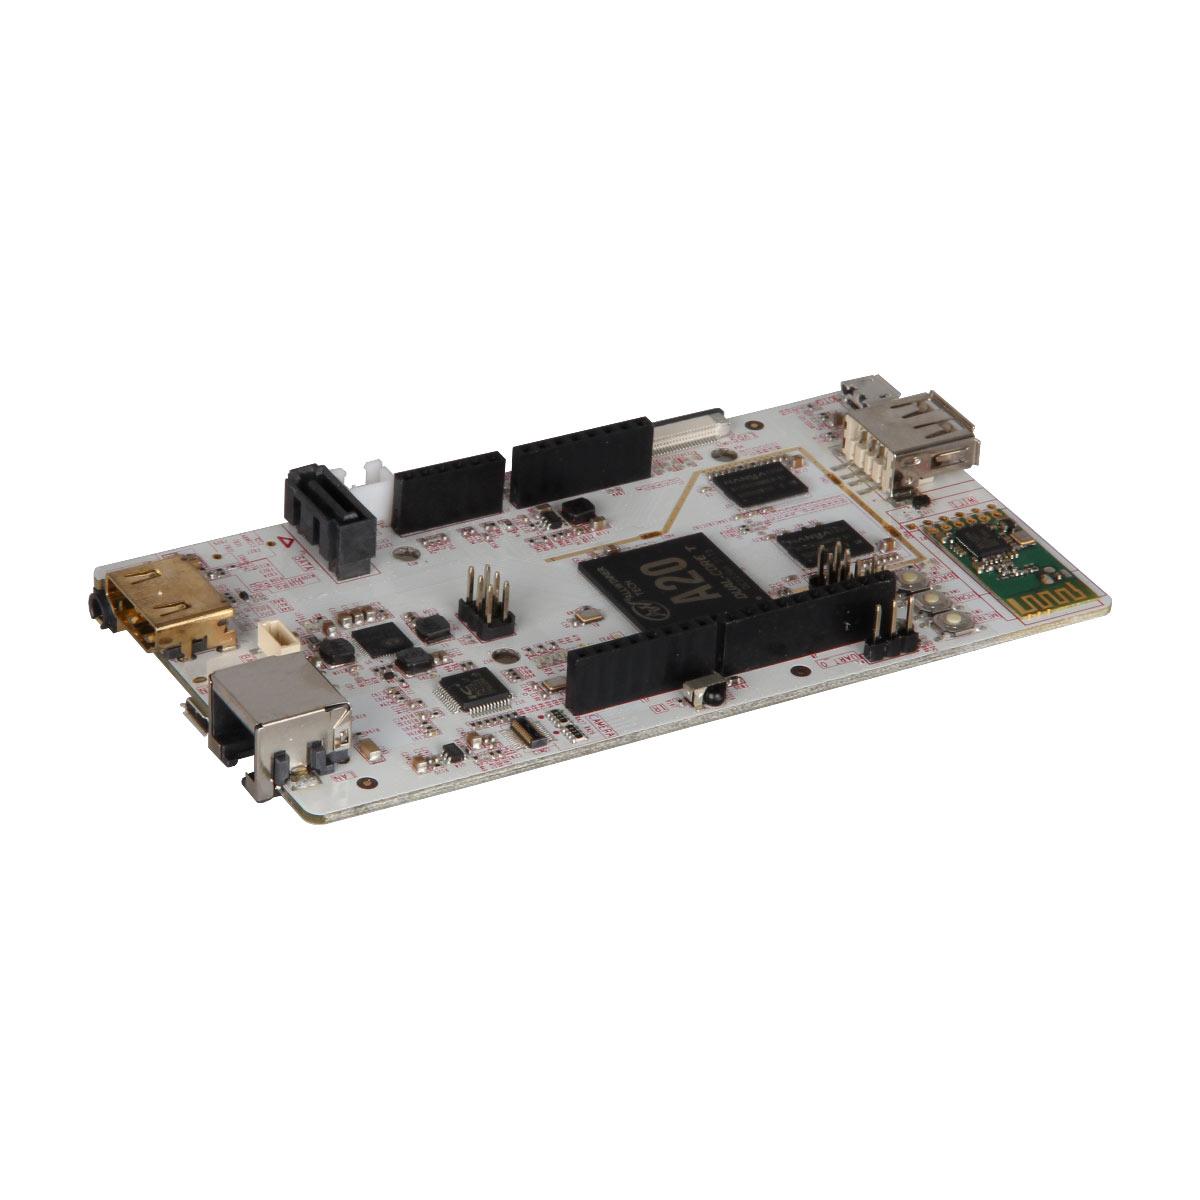 Carte mère LinkSprite pcDuino3B Carte mère avec UBUNTU 12.04 - ARM Cortex A7 Dual-Core 1 GHz - RAM 1024 Mo - GPU ARM Mali 400 - 10/100/1000 - HDMI - USB